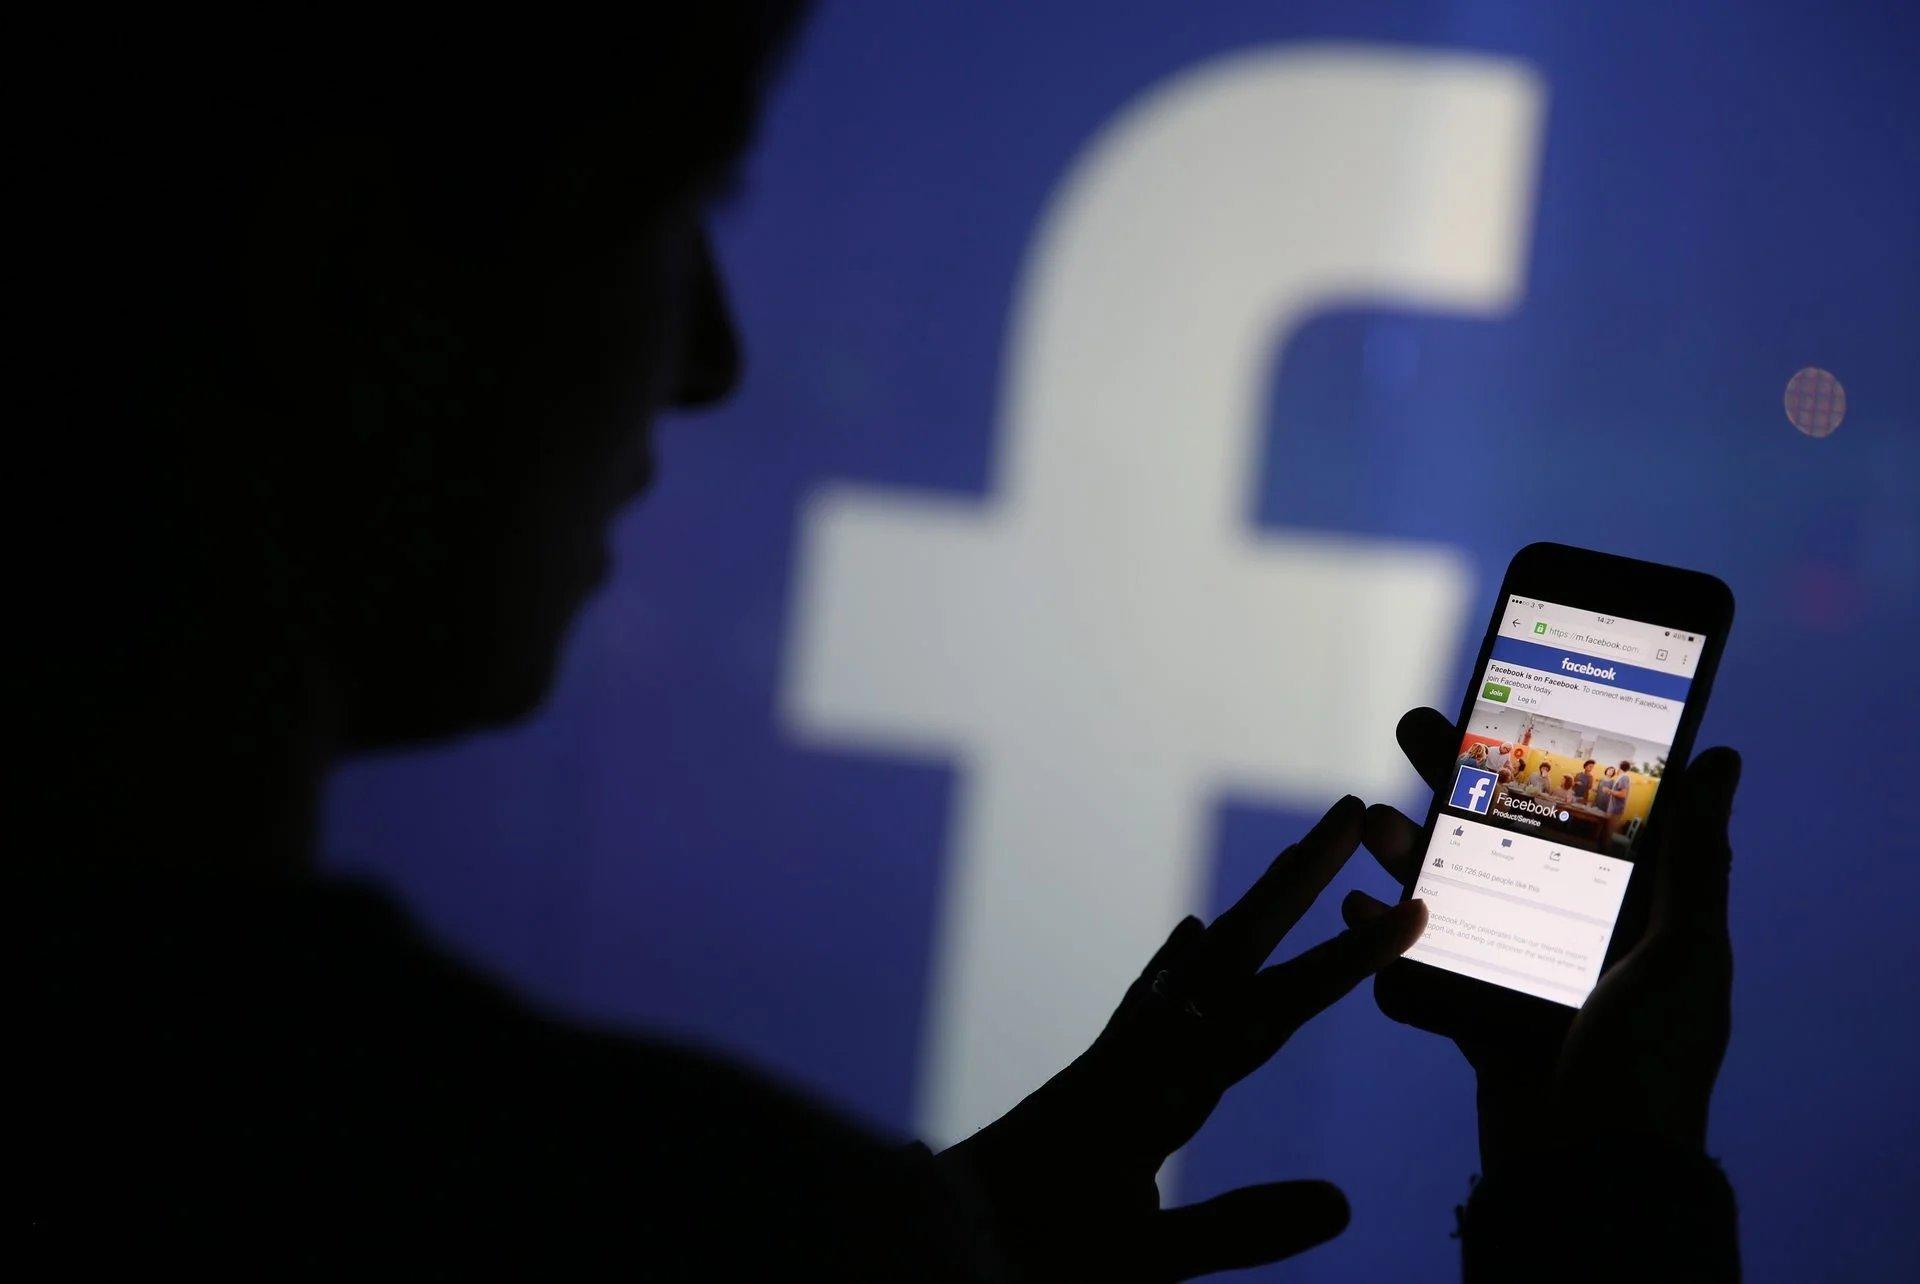 ¿Publicar fotos en Facebook es un crimen?